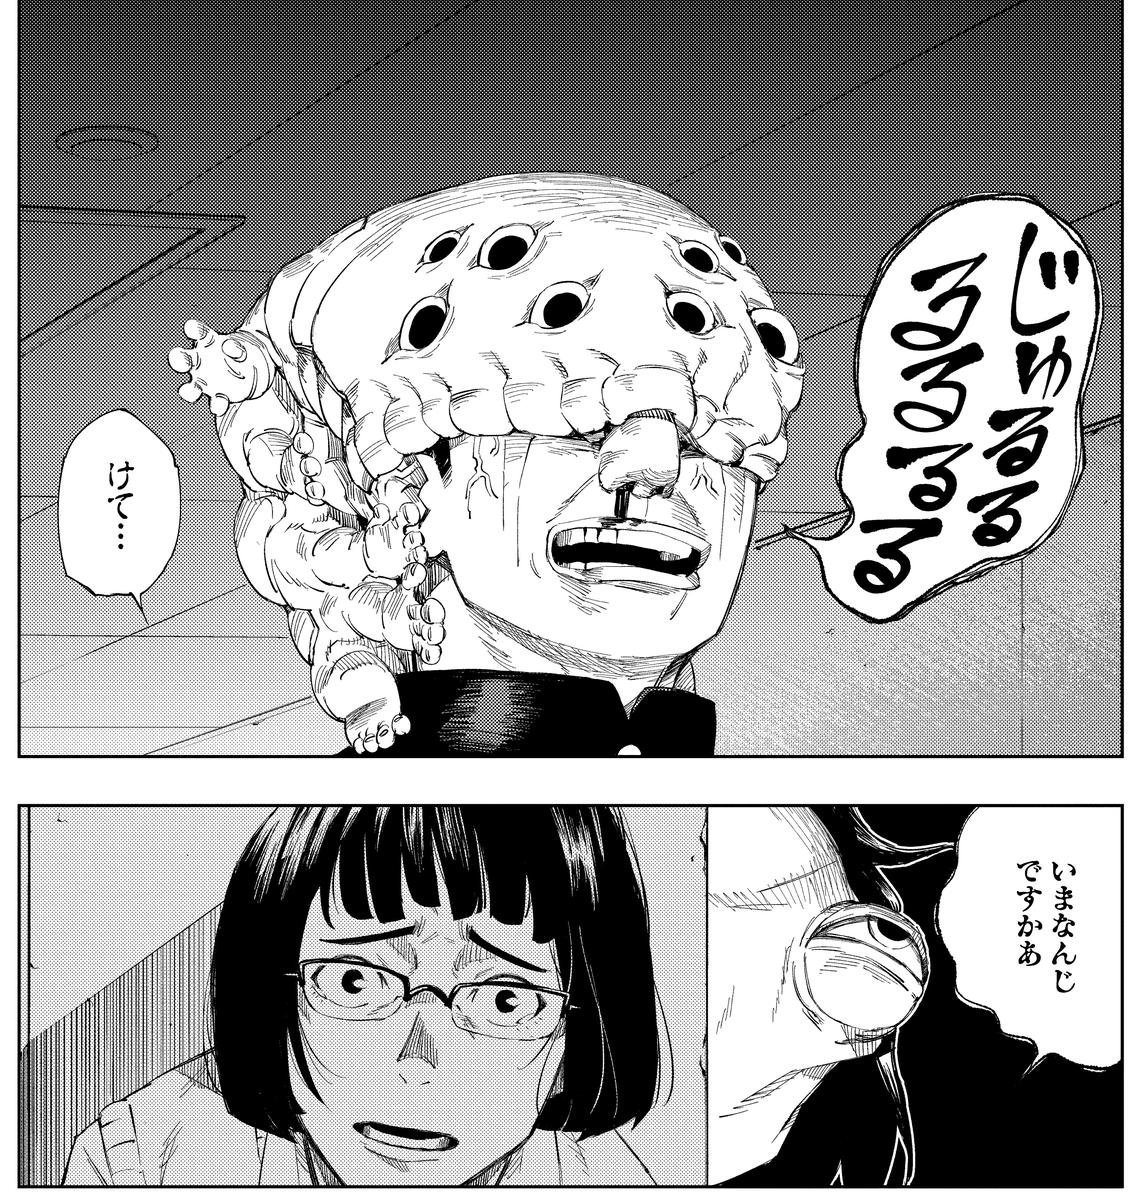 f:id:jump_manga_school:20210413180636j:plain